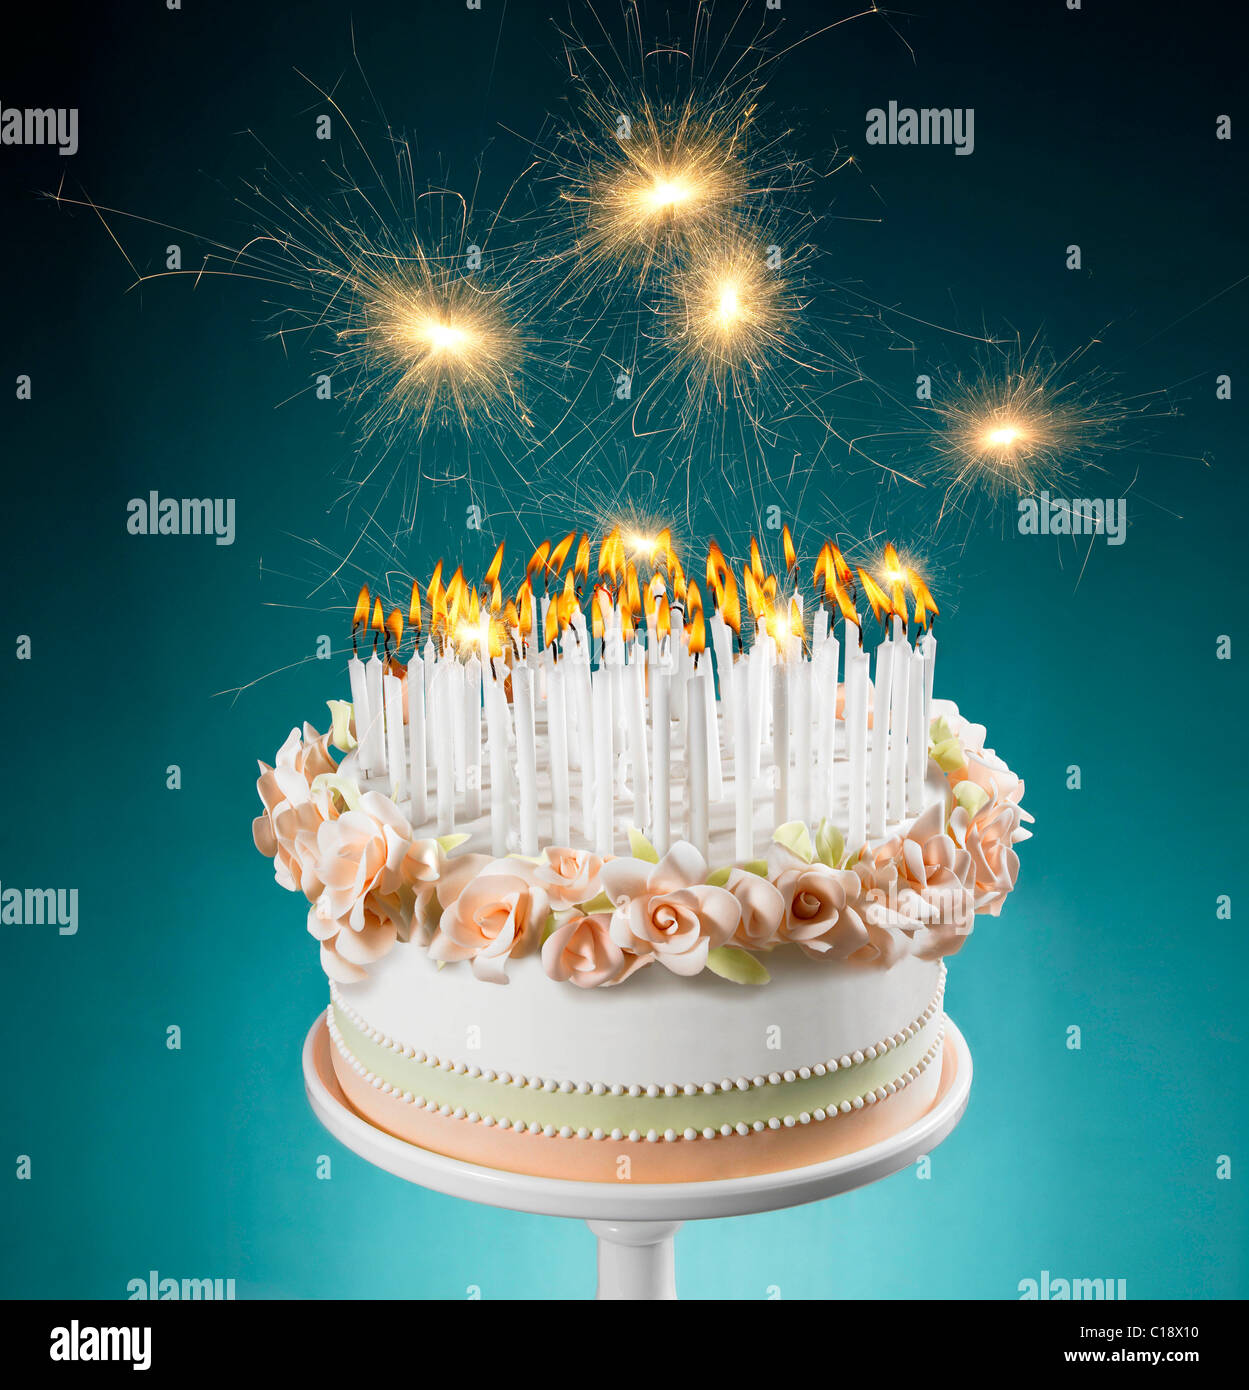 Geburtstagstorte Mit Brennenden Kerzen Stockfoto Bild